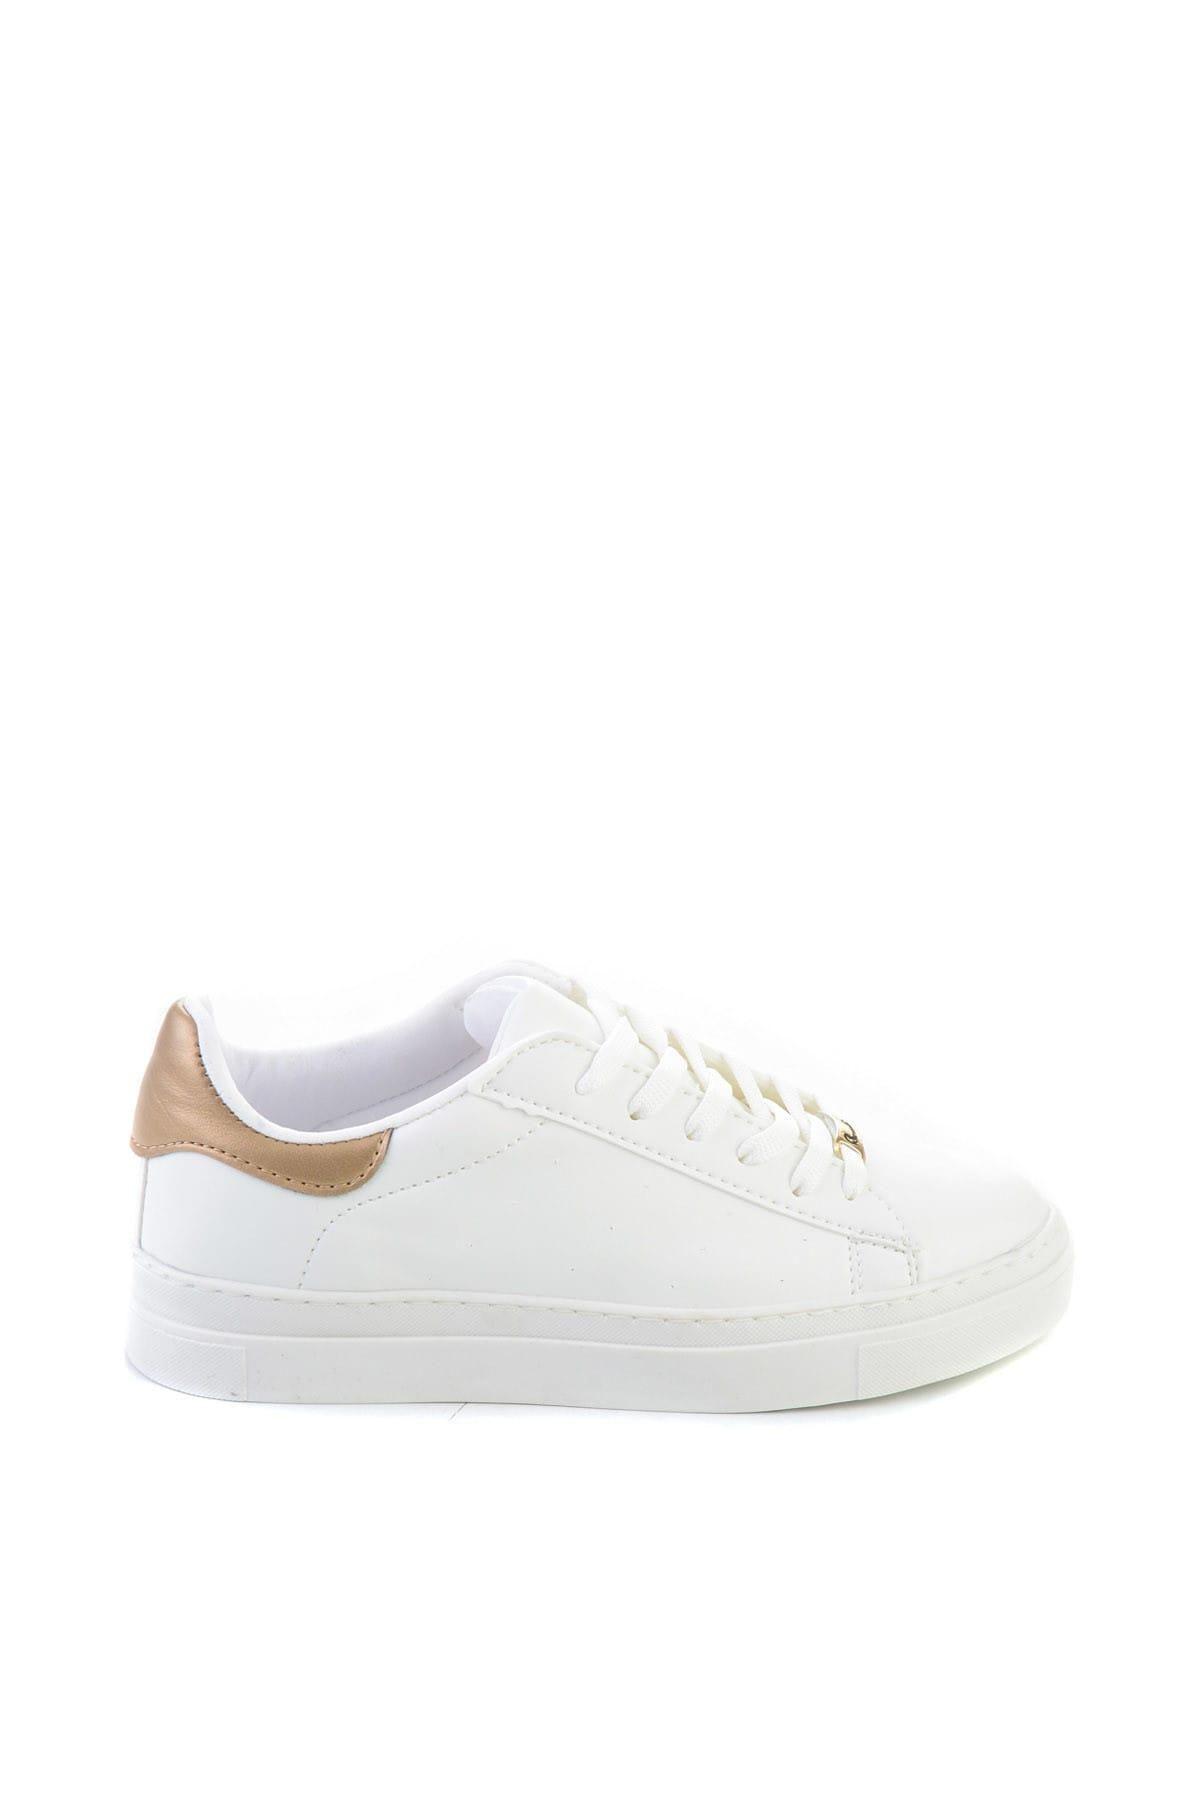 Bambi Beyaz Dore Kadınlar Ayakkabı H06060633